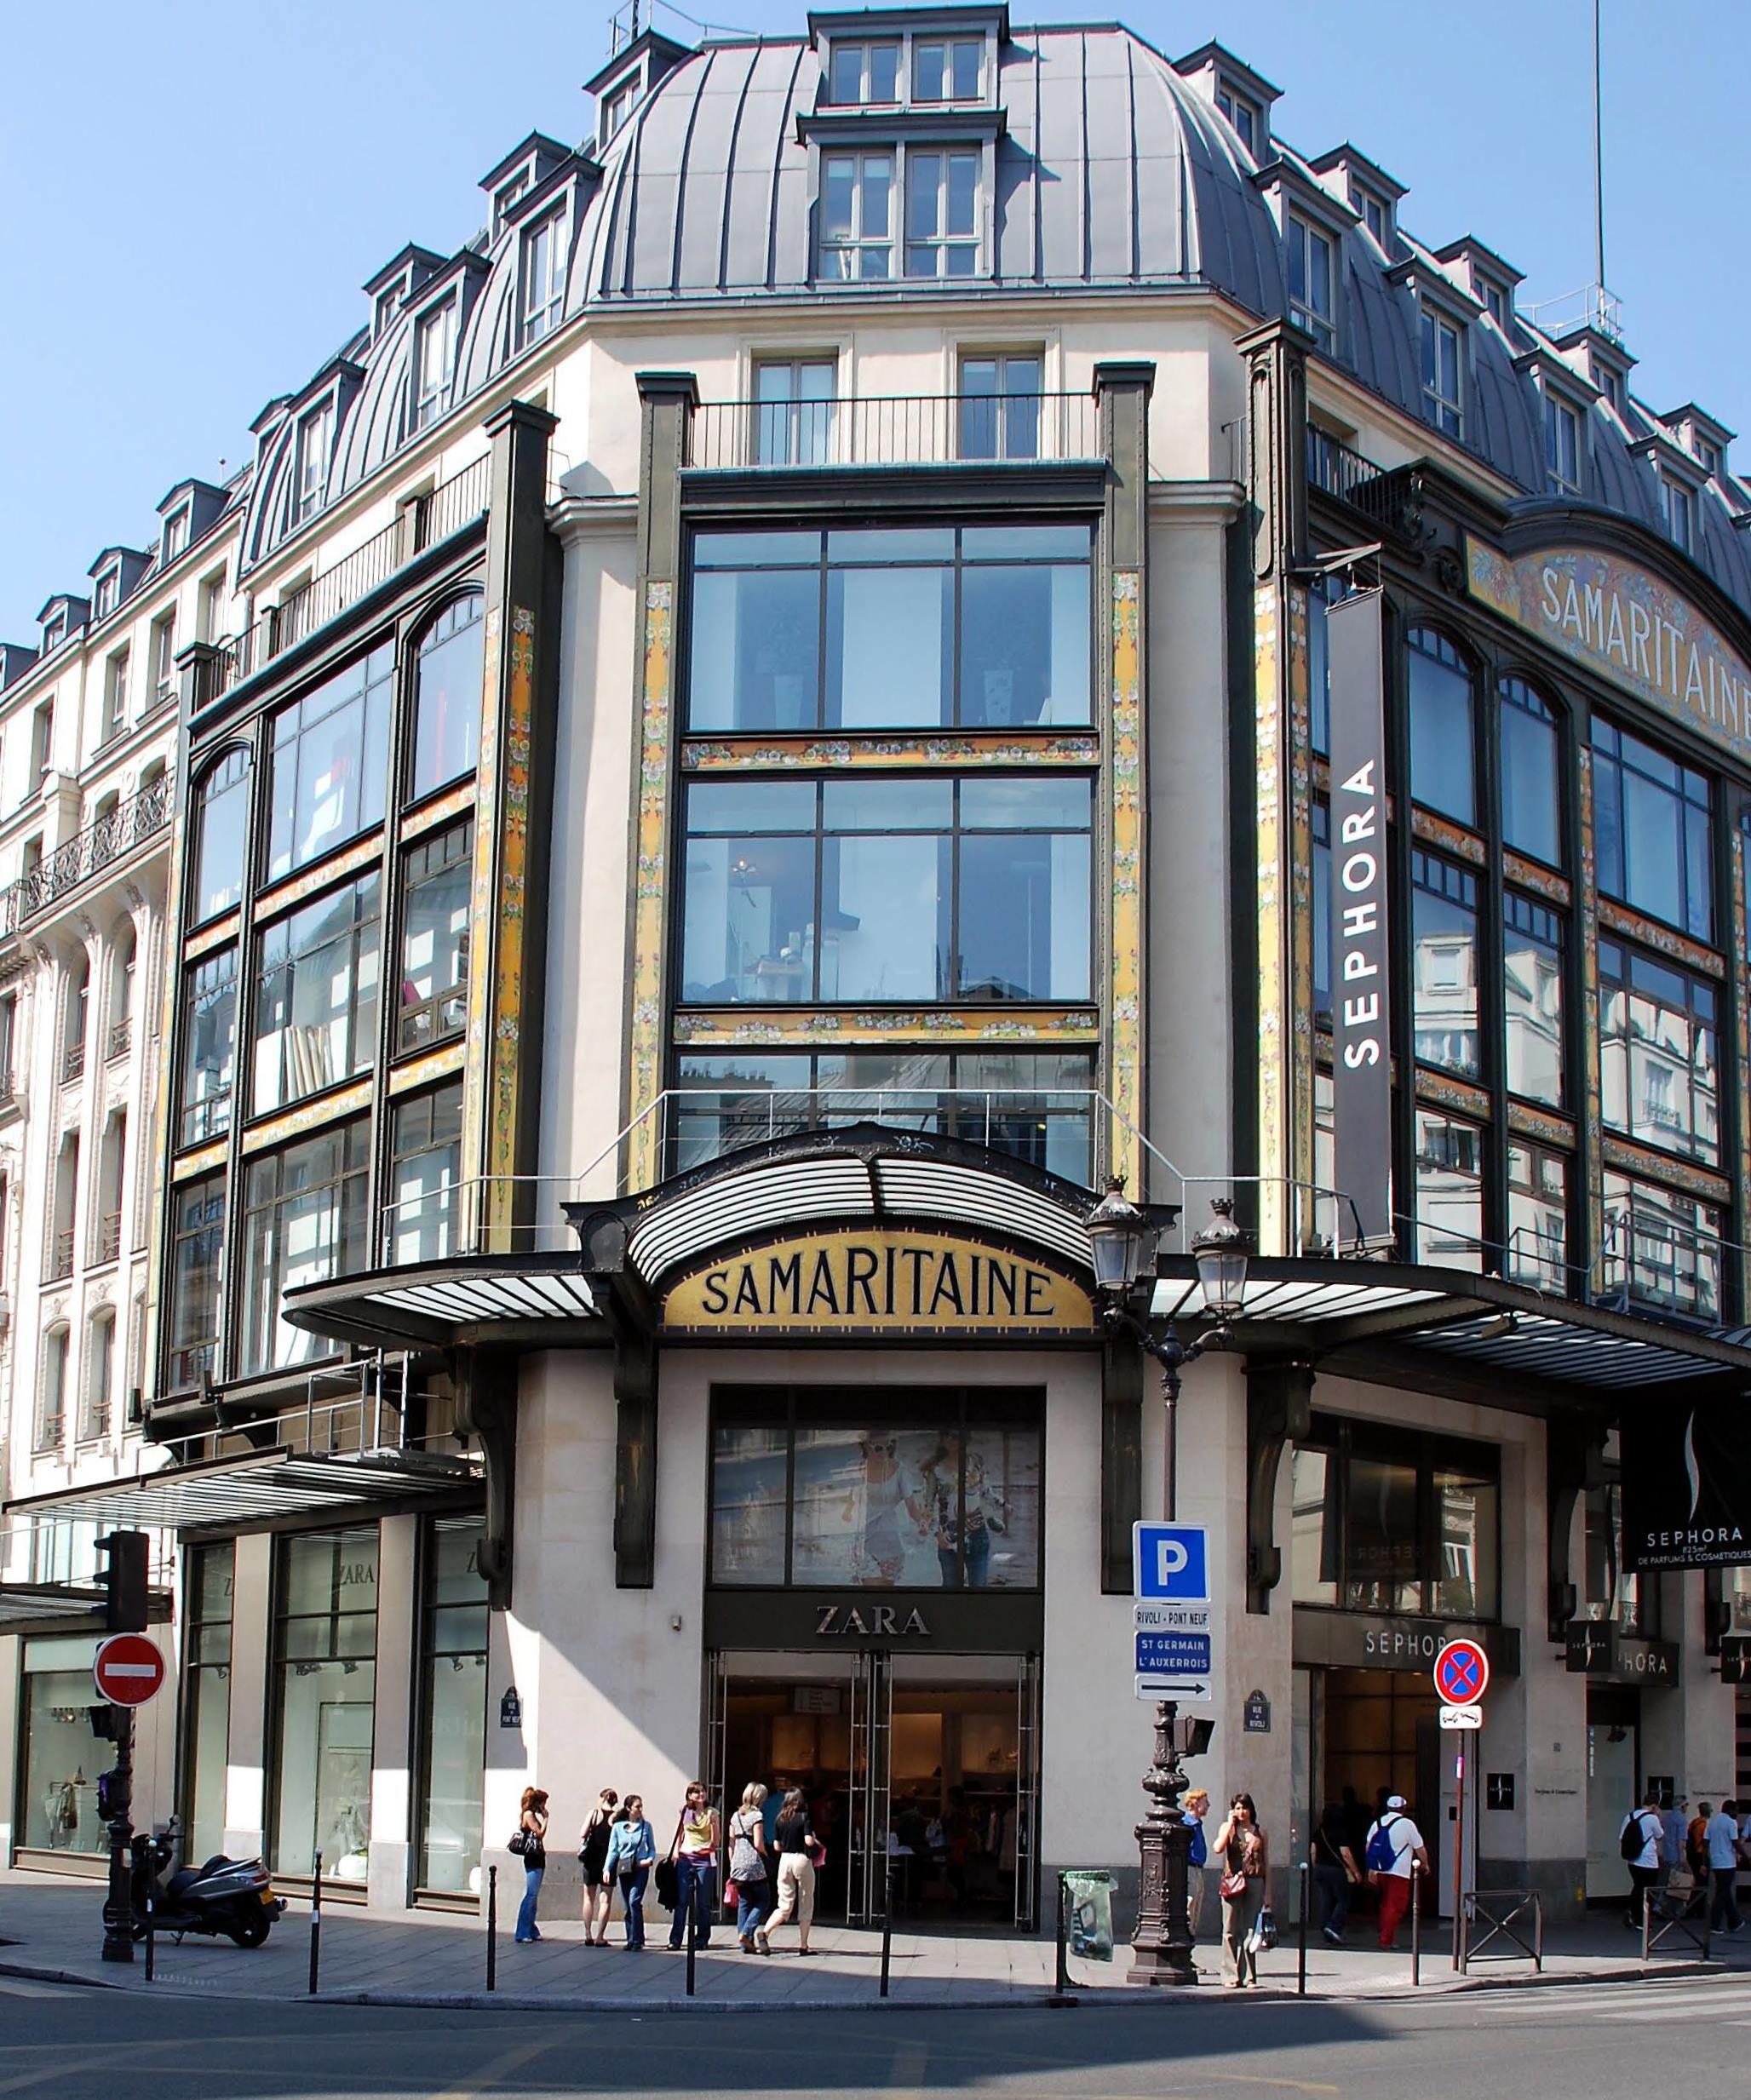 la samaritaine m lange art nouveau et art d co 19 rue de la monnaie paris i paris 1 en. Black Bedroom Furniture Sets. Home Design Ideas